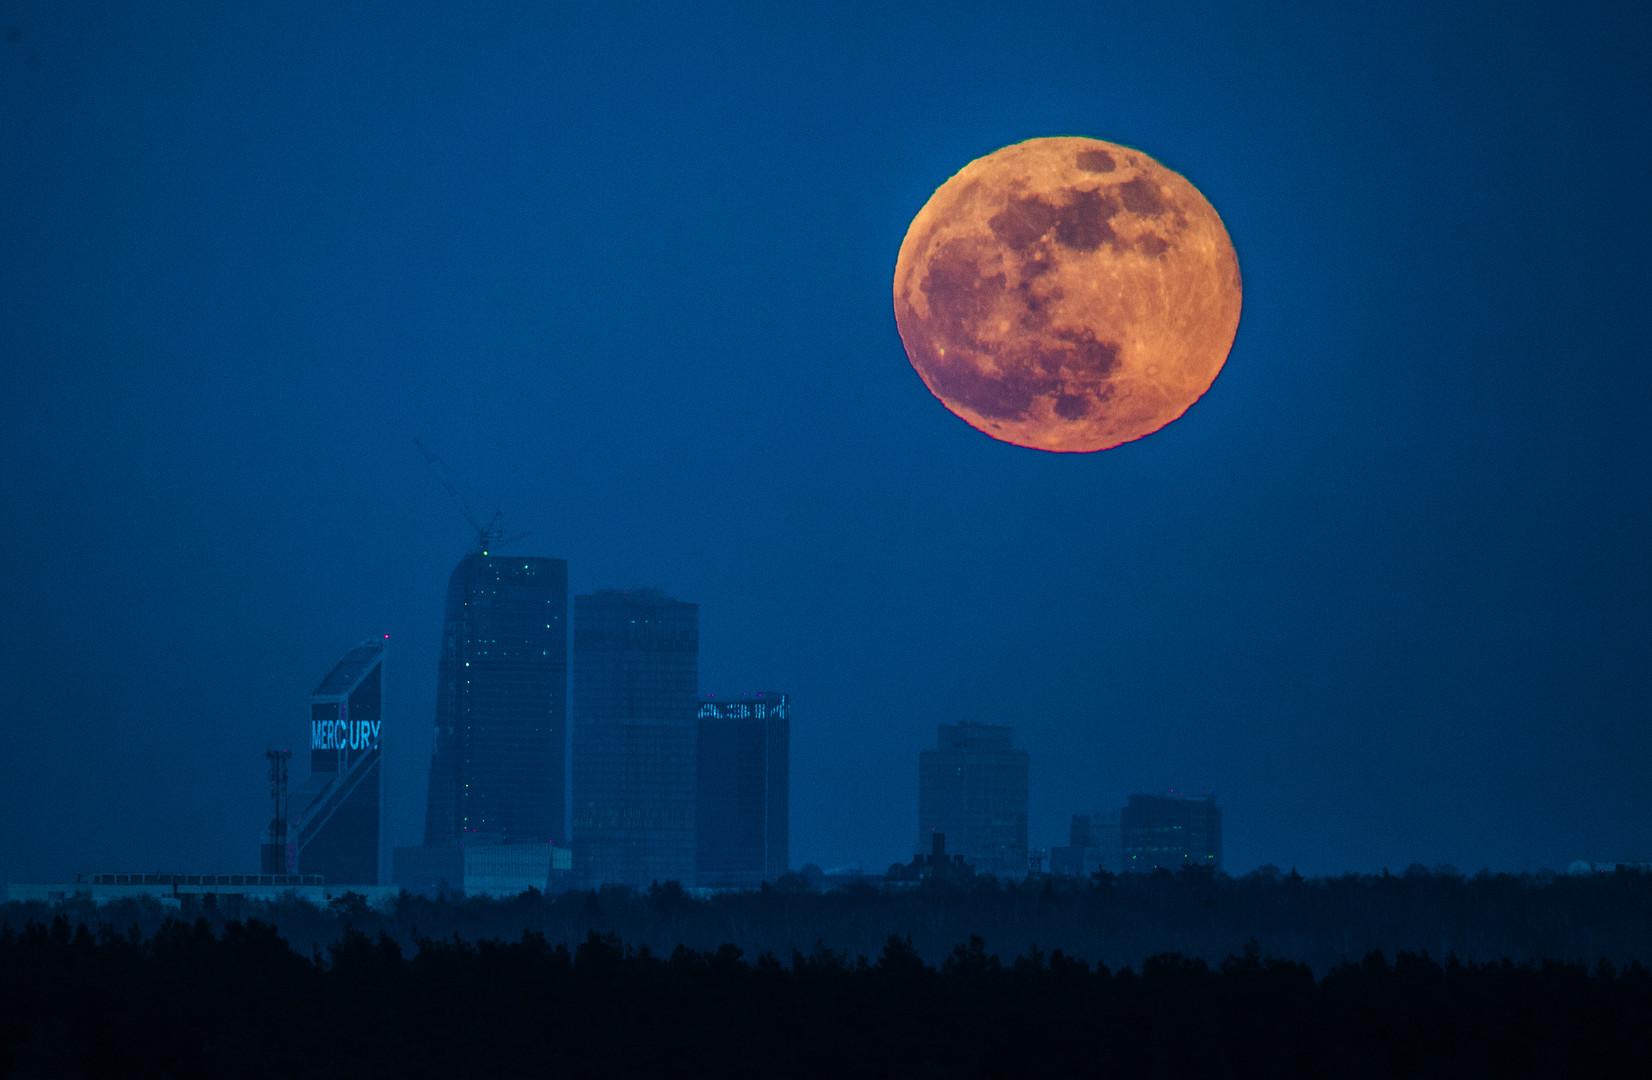 Центр Хруничева и РКК «Энергия» согласовали схему экспедиции на Луну